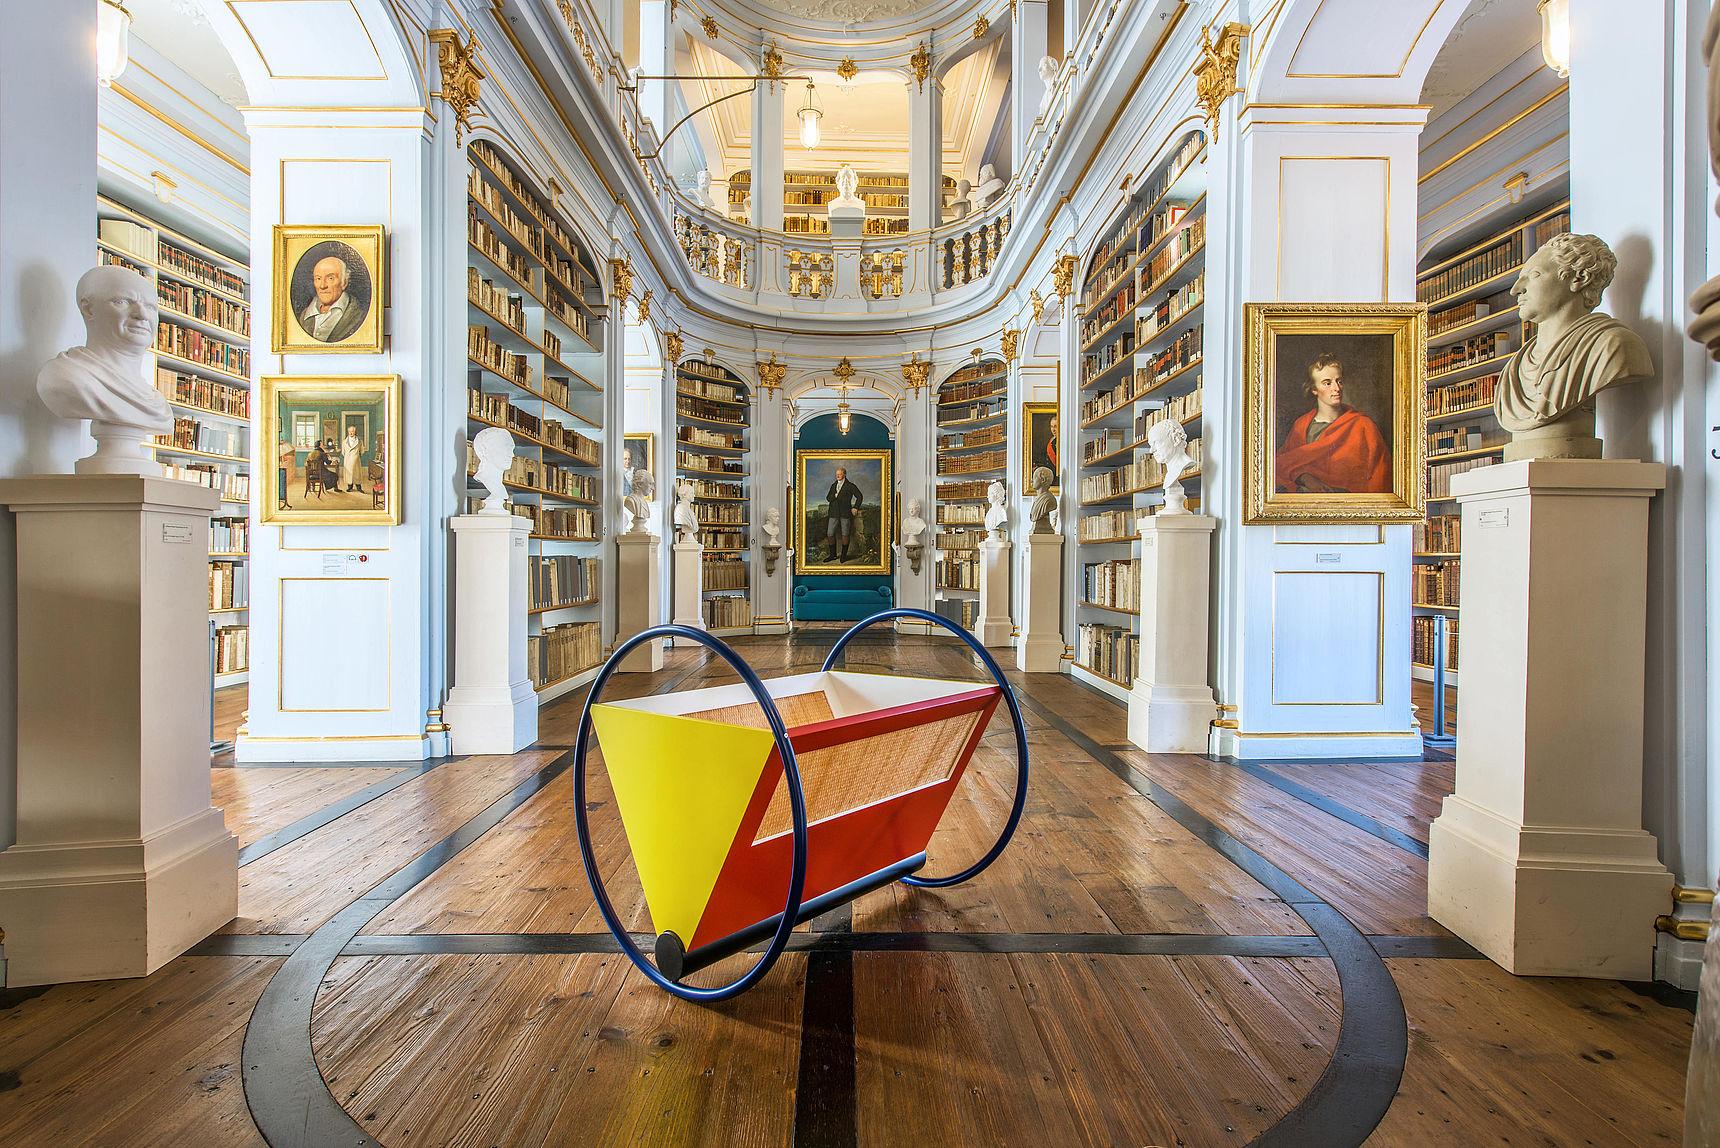 Die beiden UNSECO-Welterbestätten Weimars vereint: Die Bauhaus-Wiege von Peter Keler in der Herzogin Anna Amalia Bibliothek.